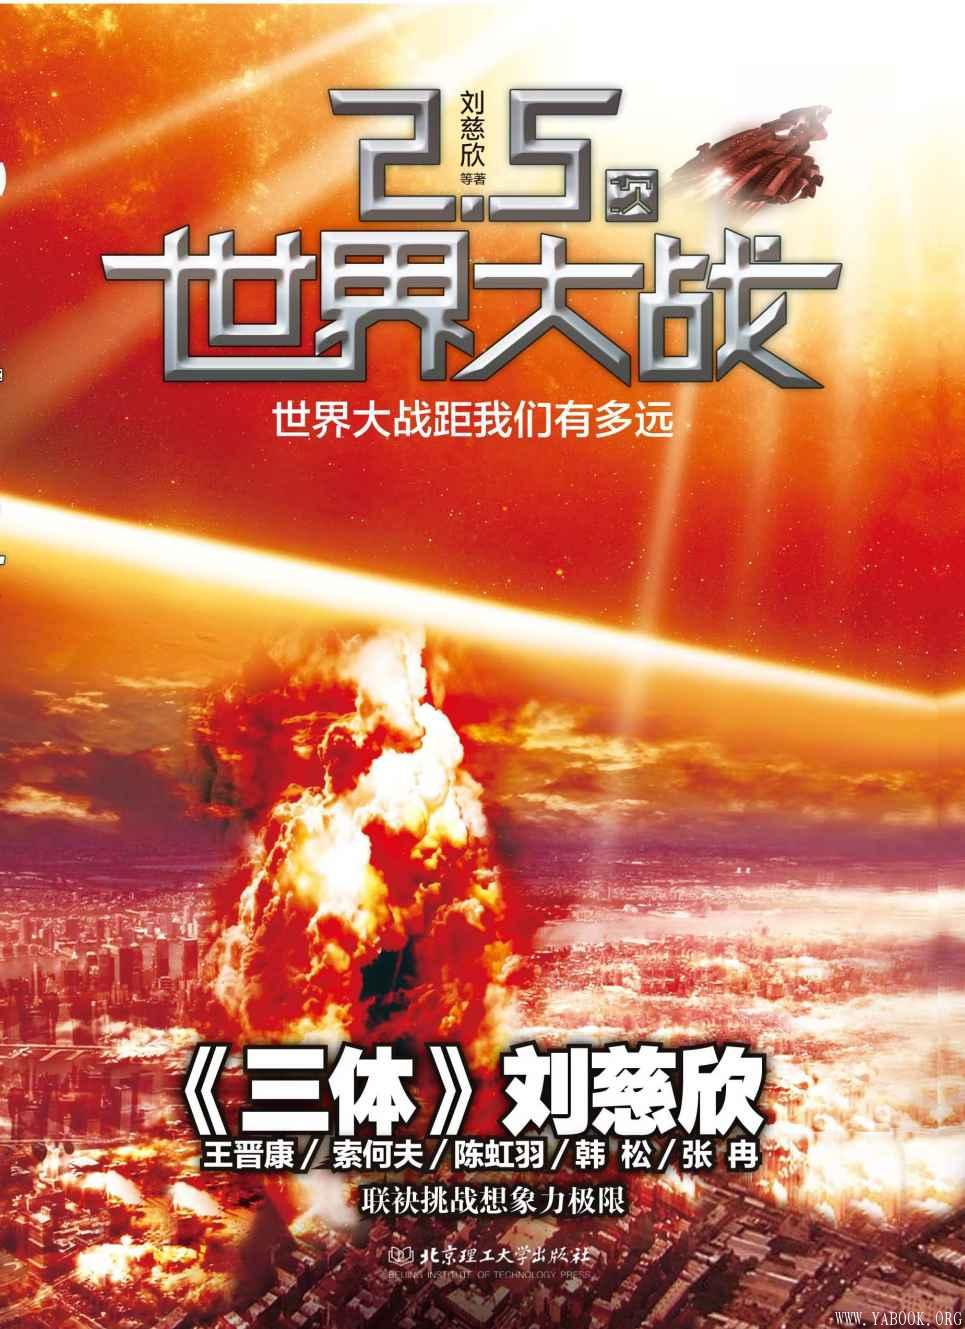 《2.5次世界大战》封面图片